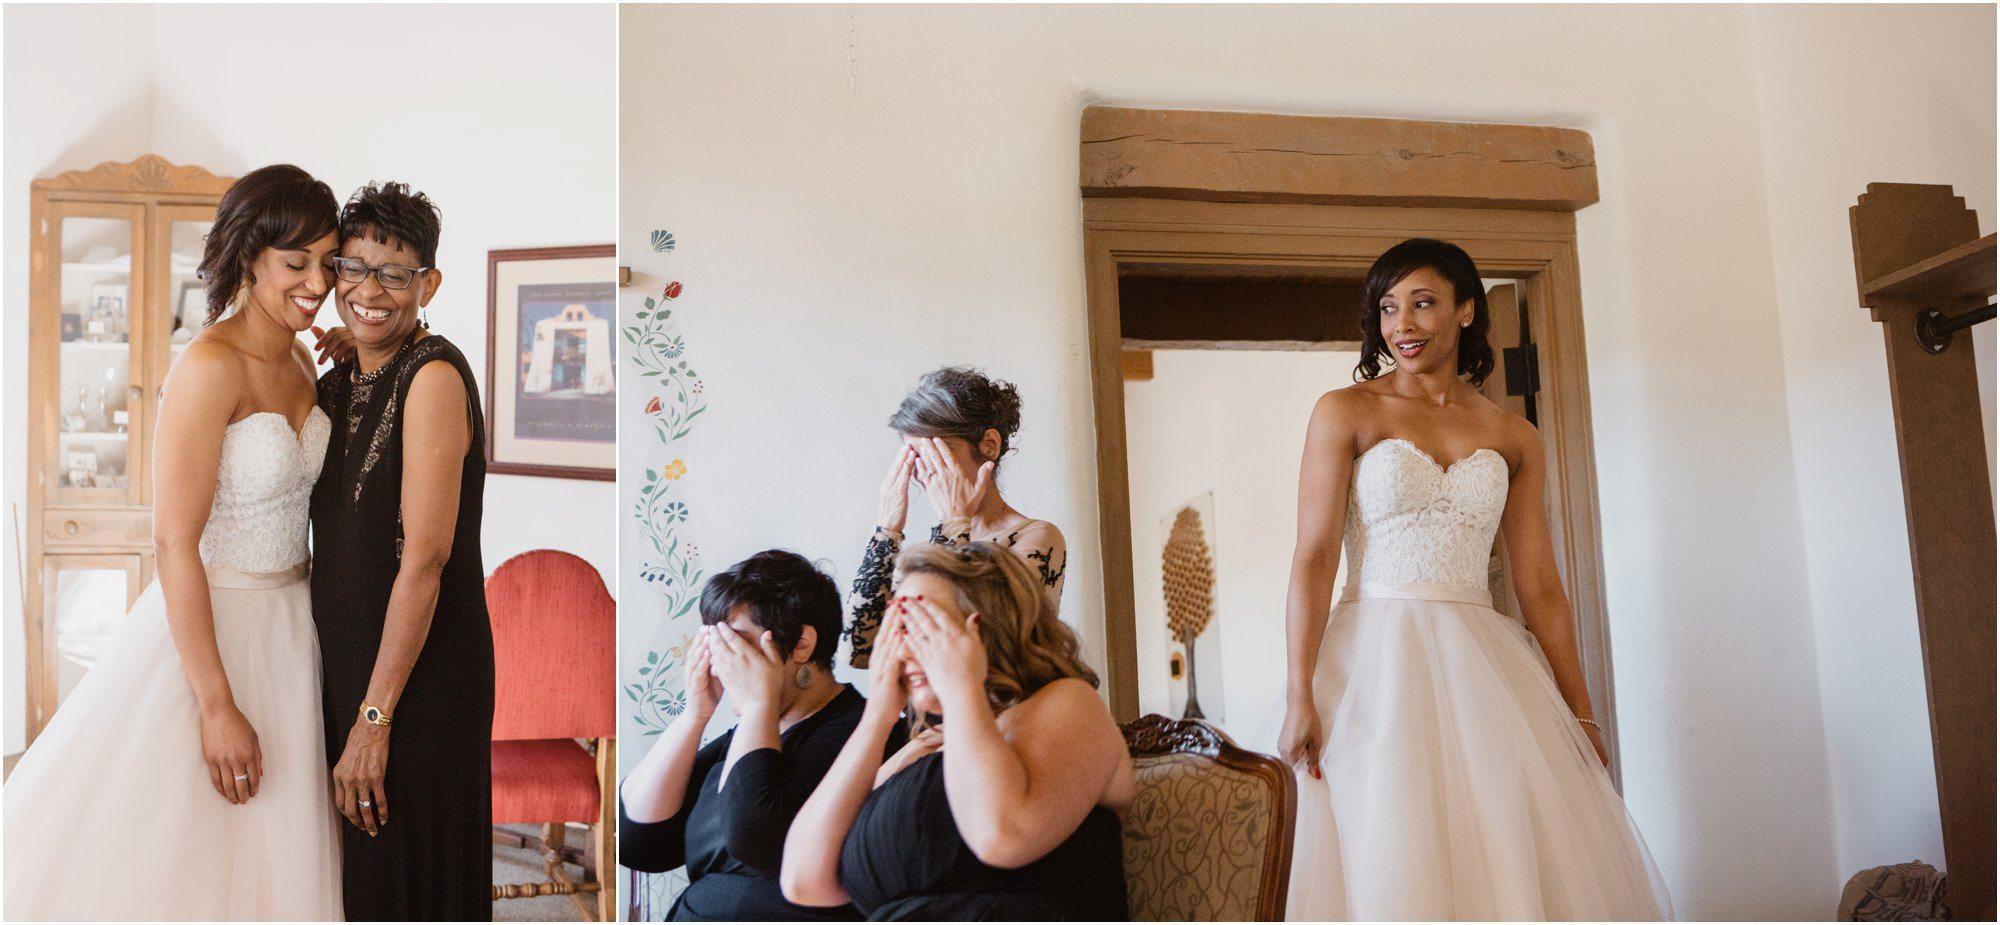 0021albuquerque-wedding-photographer_-santa-fe-wedding-photography_blue-rose-studio